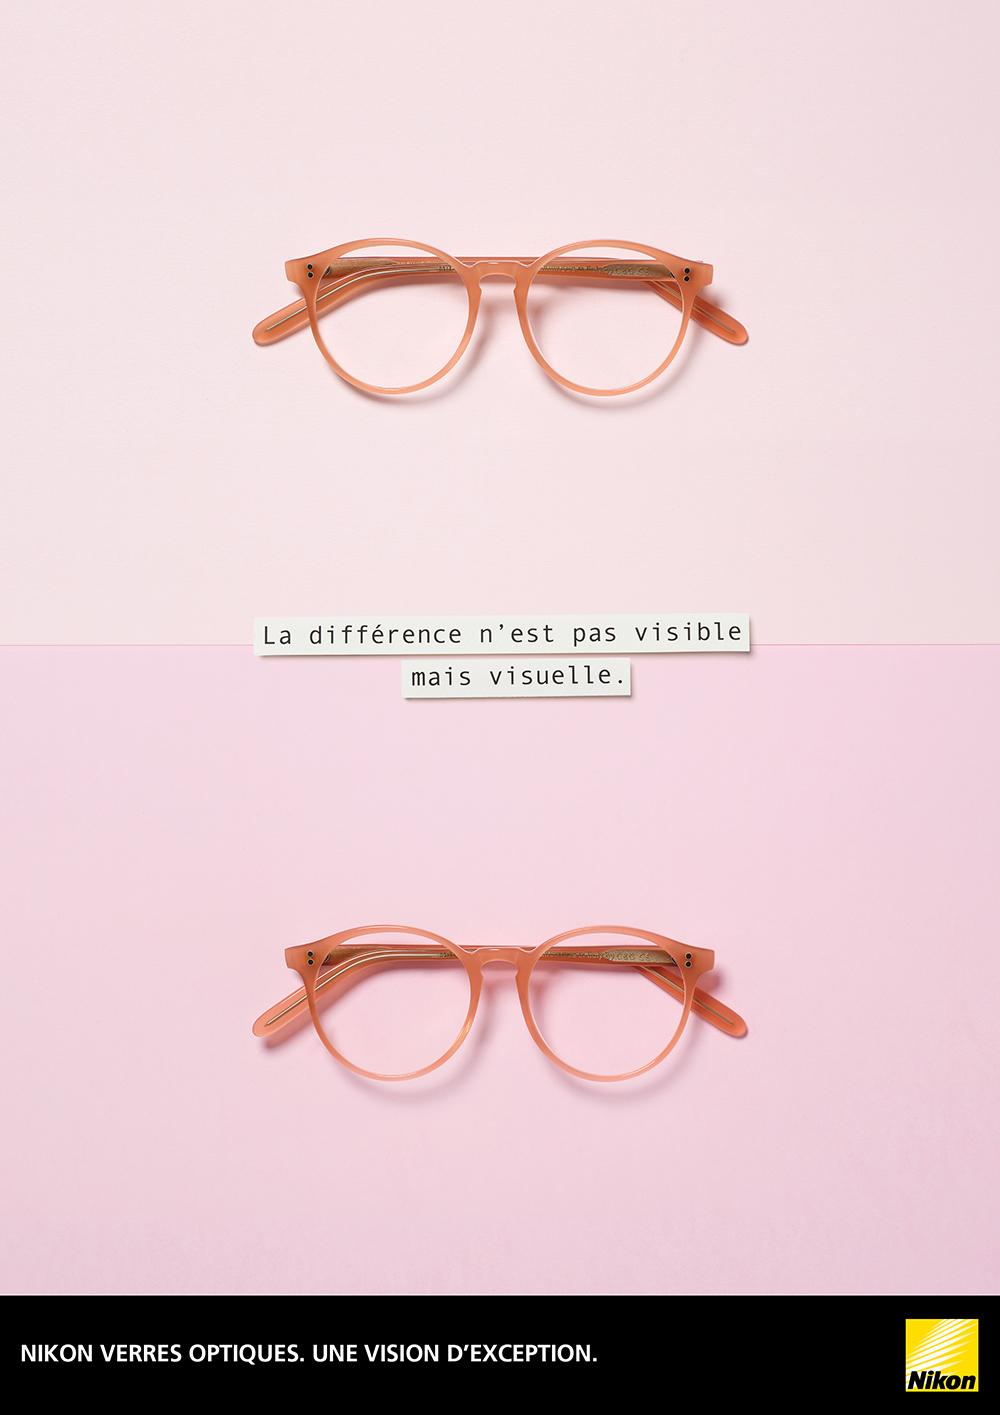 nikon-verres-optiques-publicite-print-affiche-optical-jeux-de-mots-vue-vision-agence-altmann-pacreau-3